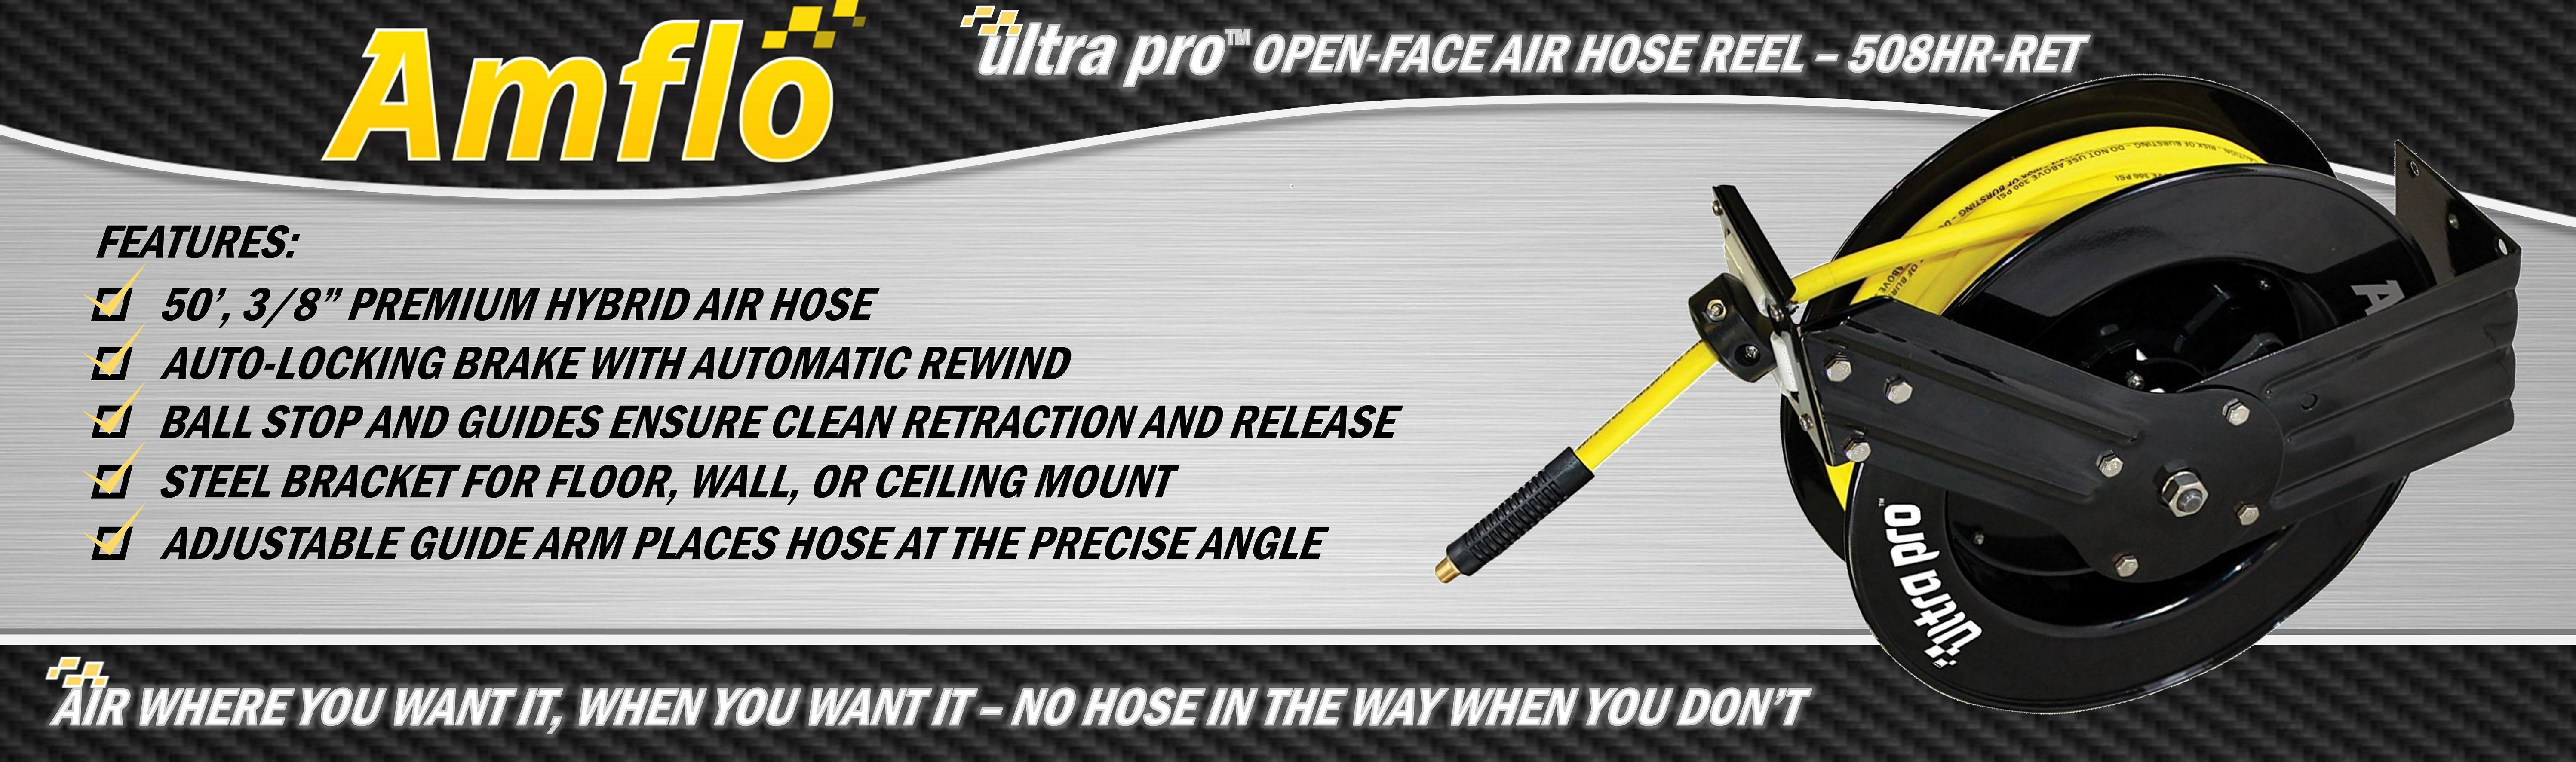 Amflo 508HR-RET 50 ft 50 x 3//8 Ultra Pro Open-Face Hybrid Hose Reel